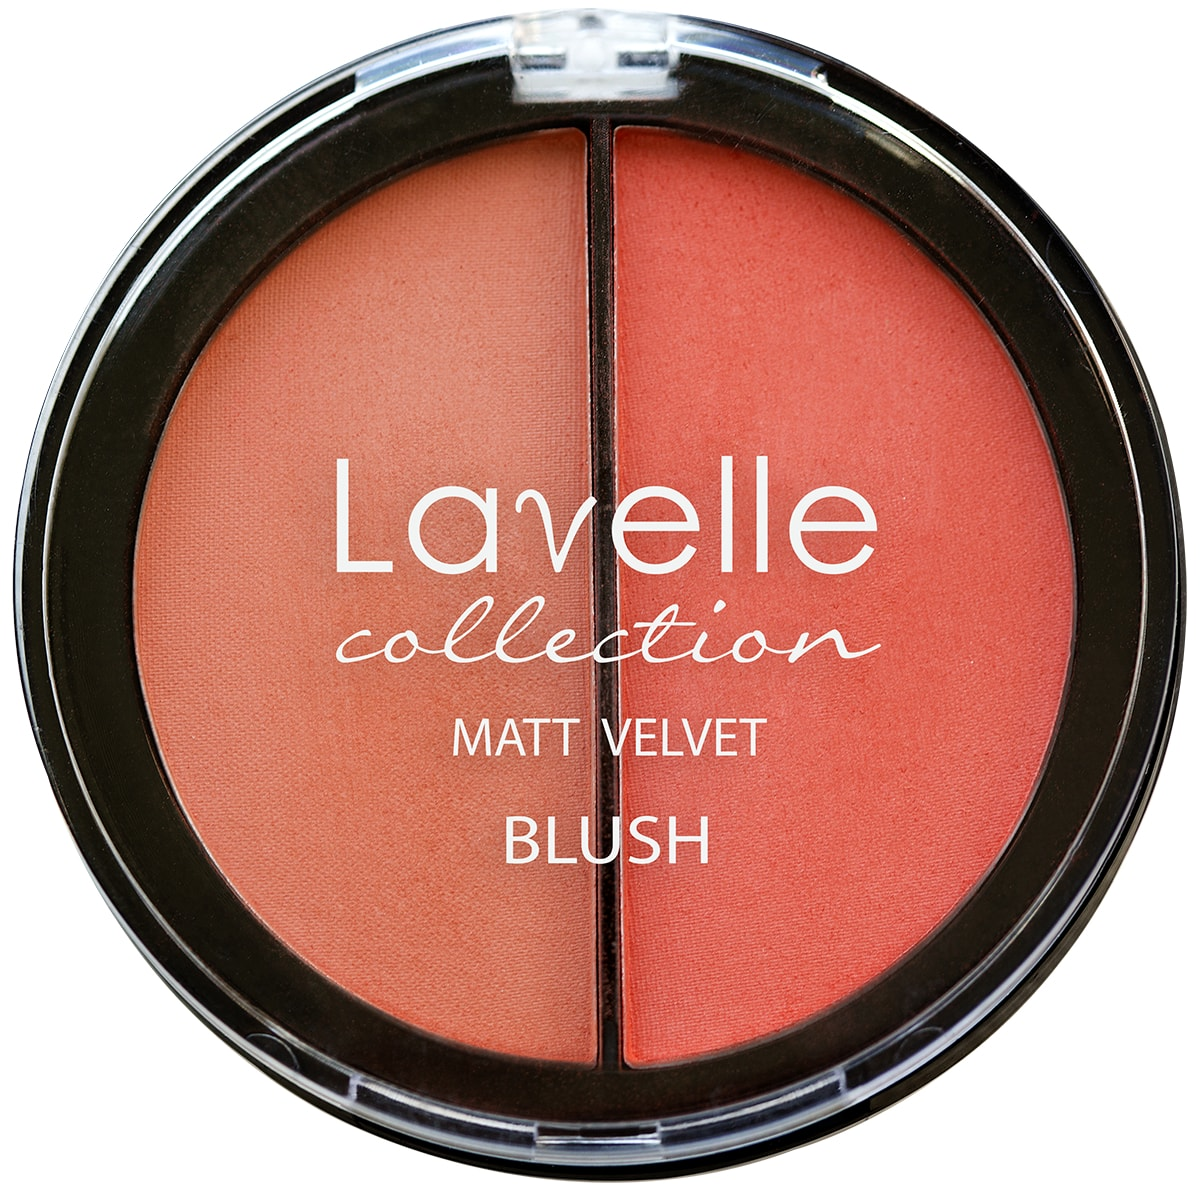 Lavelle Collection румяна для лица BL-09 2-цветные компактные тон 03 персик 34,5г